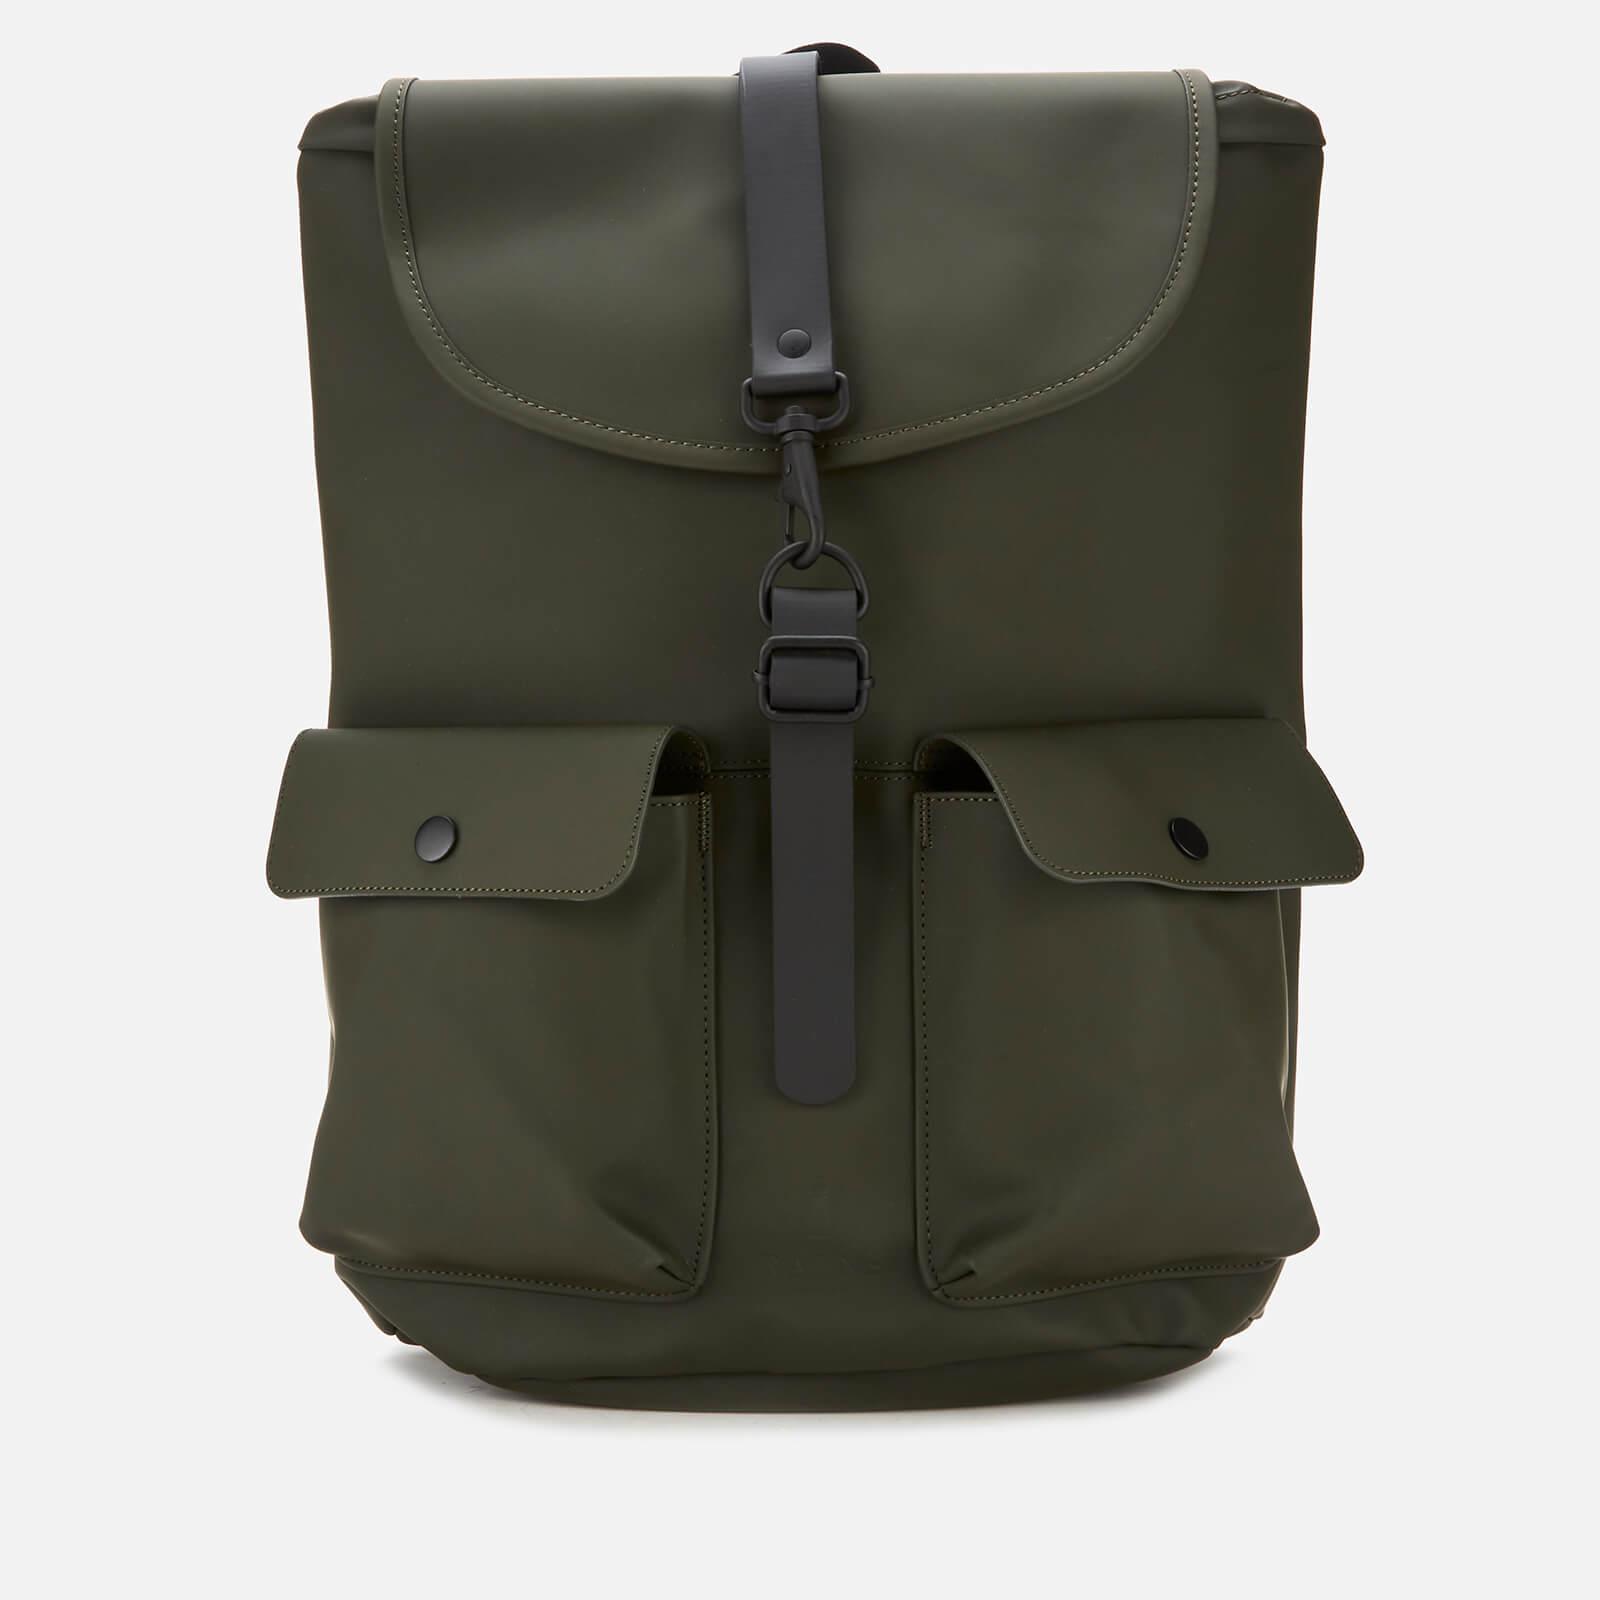 Rains Camp Backpack - Green